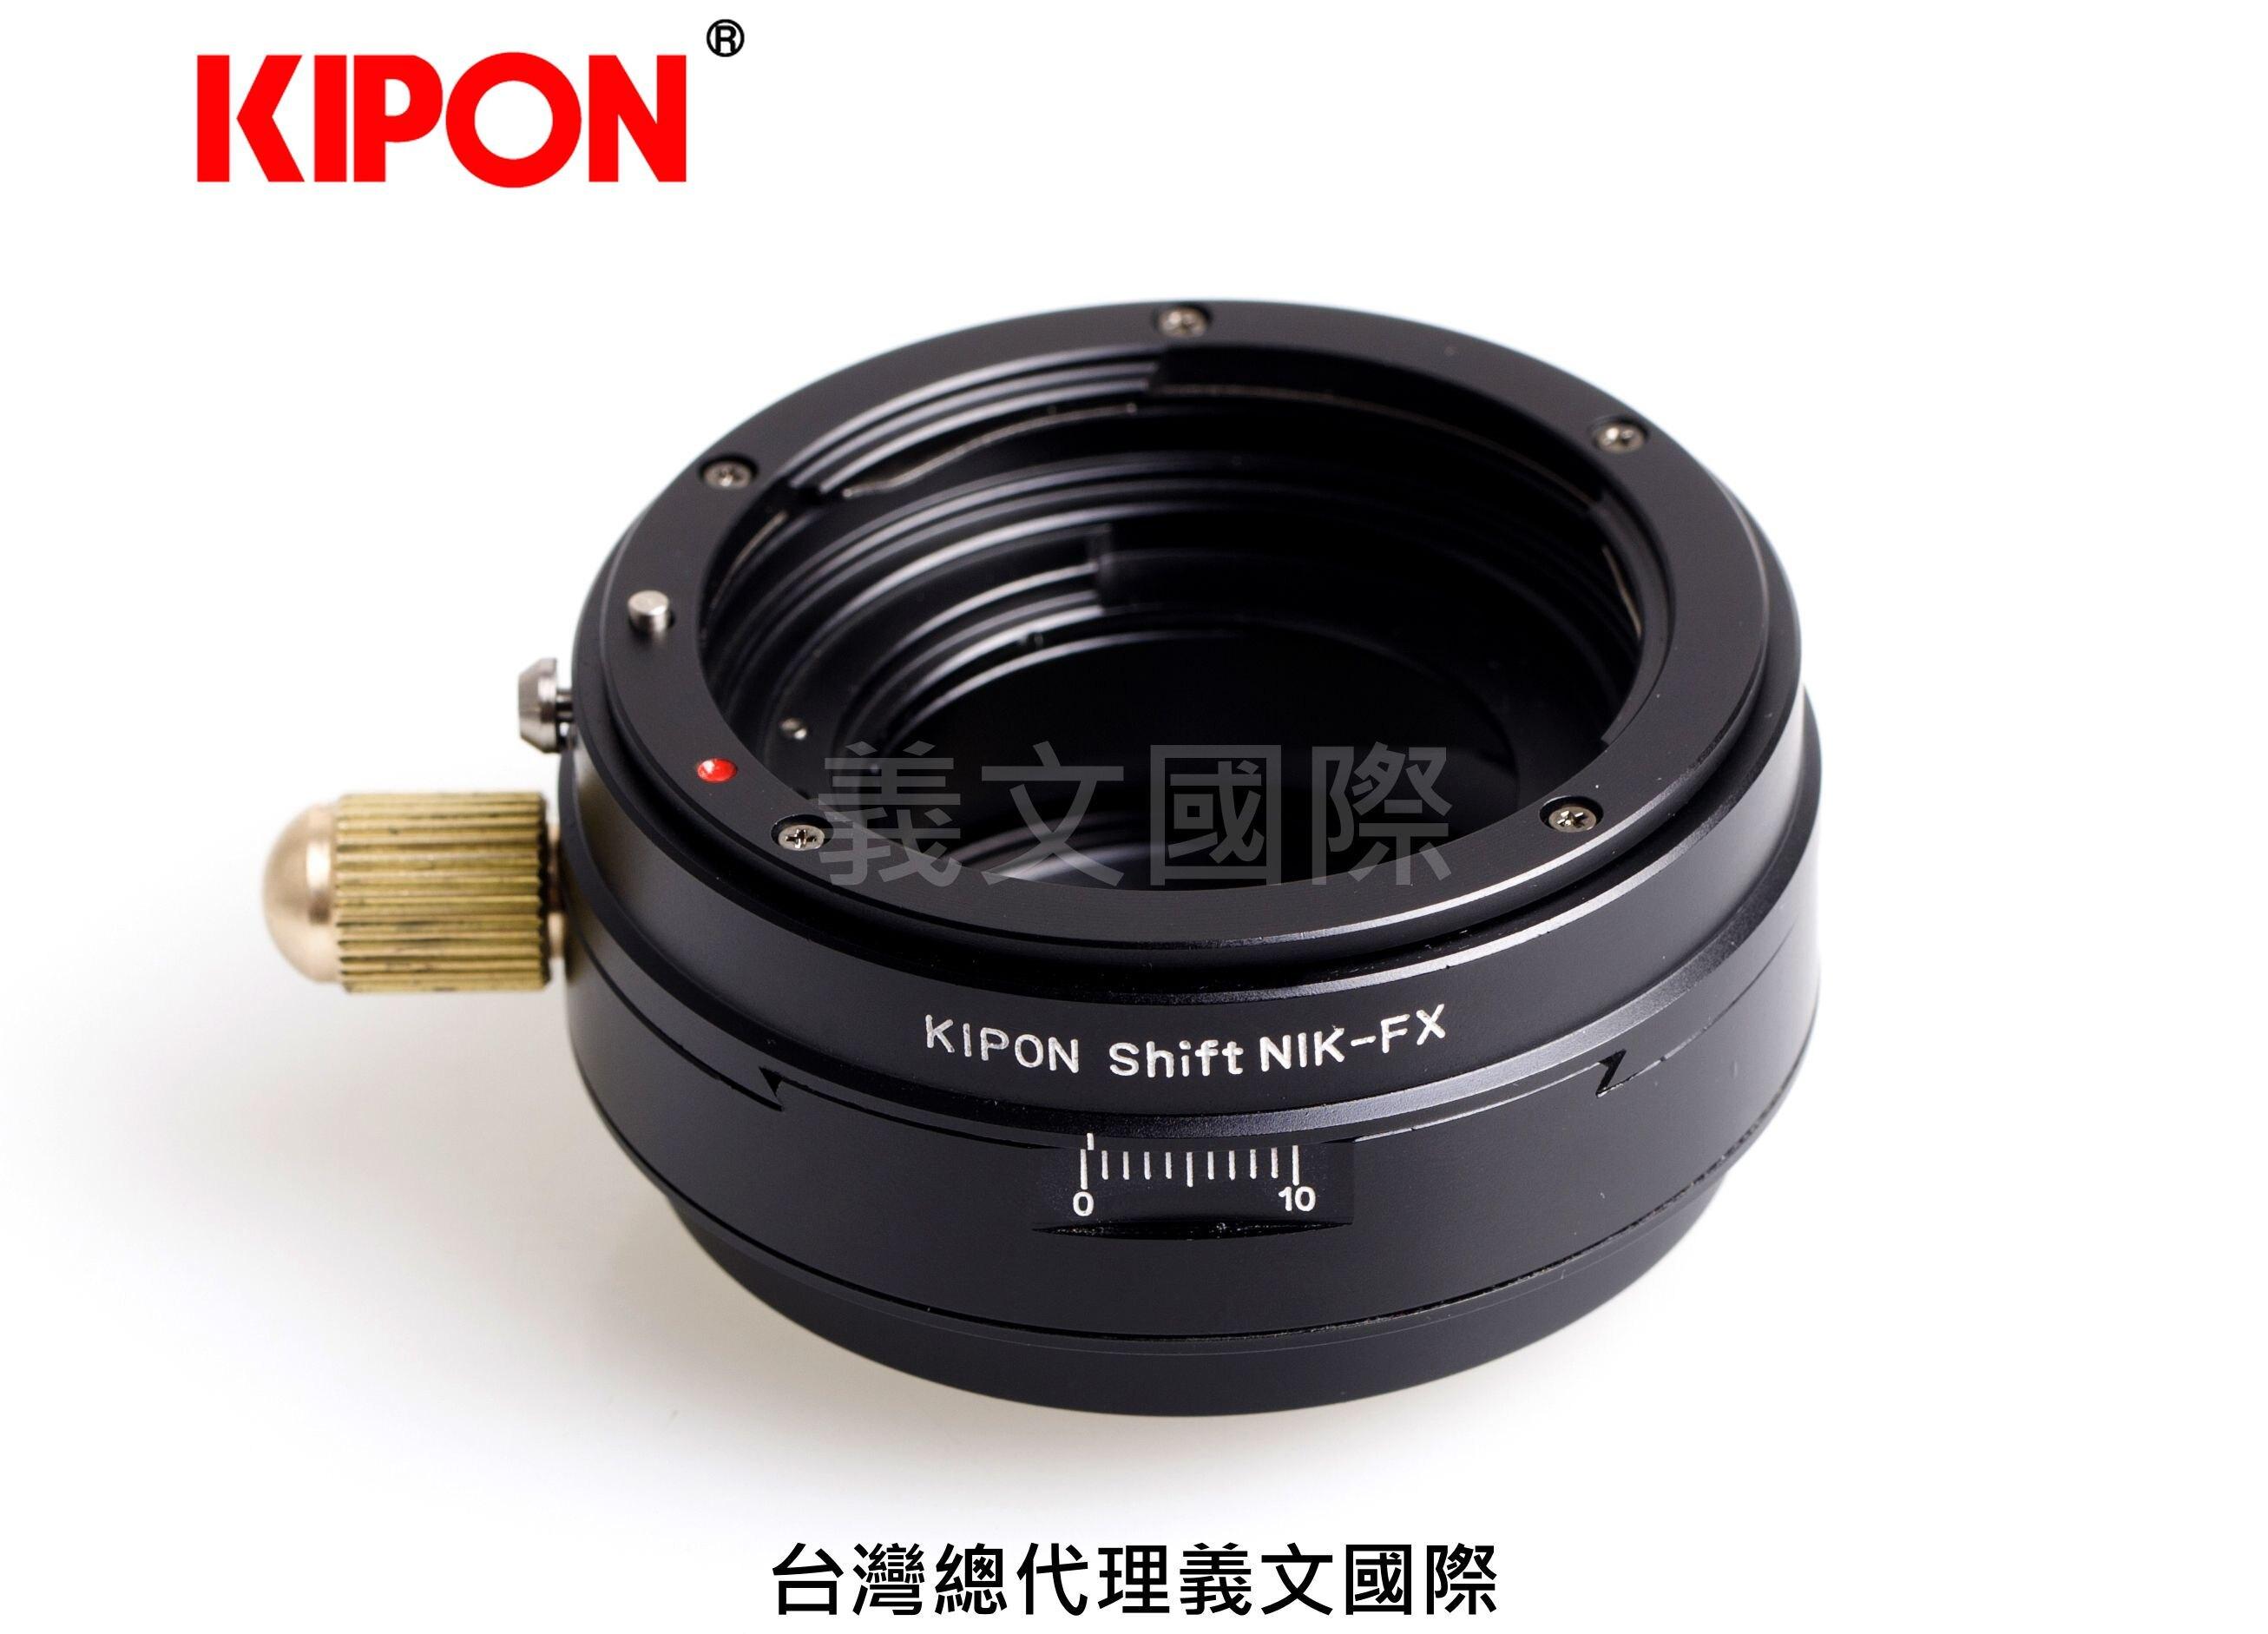 Kipon轉接環專賣店:SHIFT NKON-FX(Fuji,富士,X-H1,X-Pro3, X-Pro2,X-T2,X-T3,X-T20,X-T30,X-T100,X-E2S,X-E3,X-A3,X